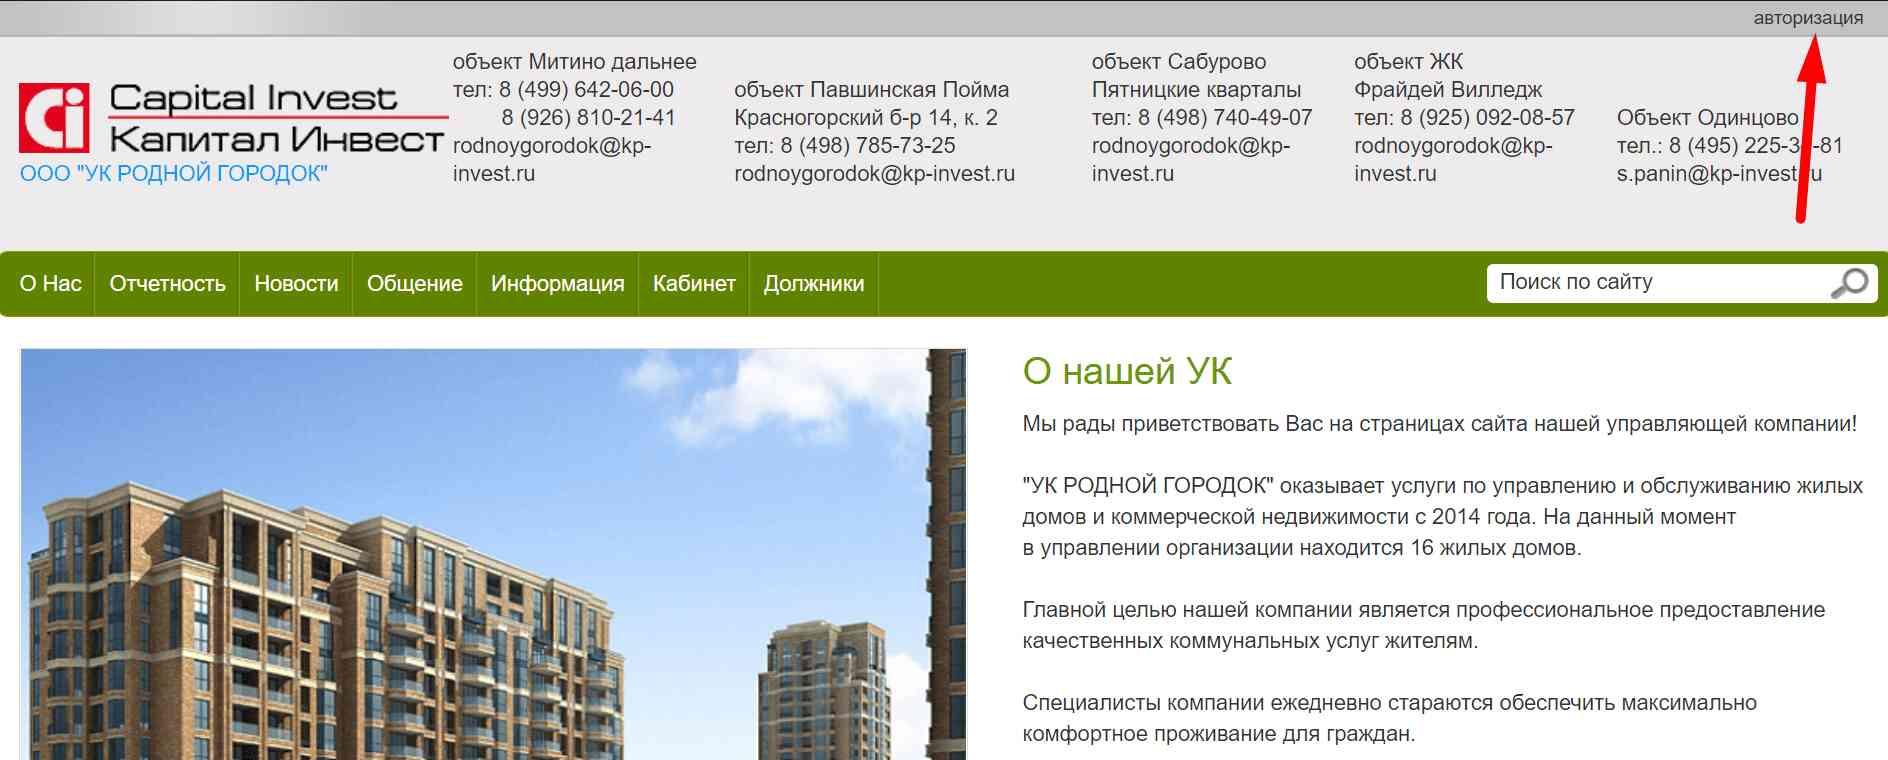 Официальный сайт управляющей компании «УК Родной Городок»